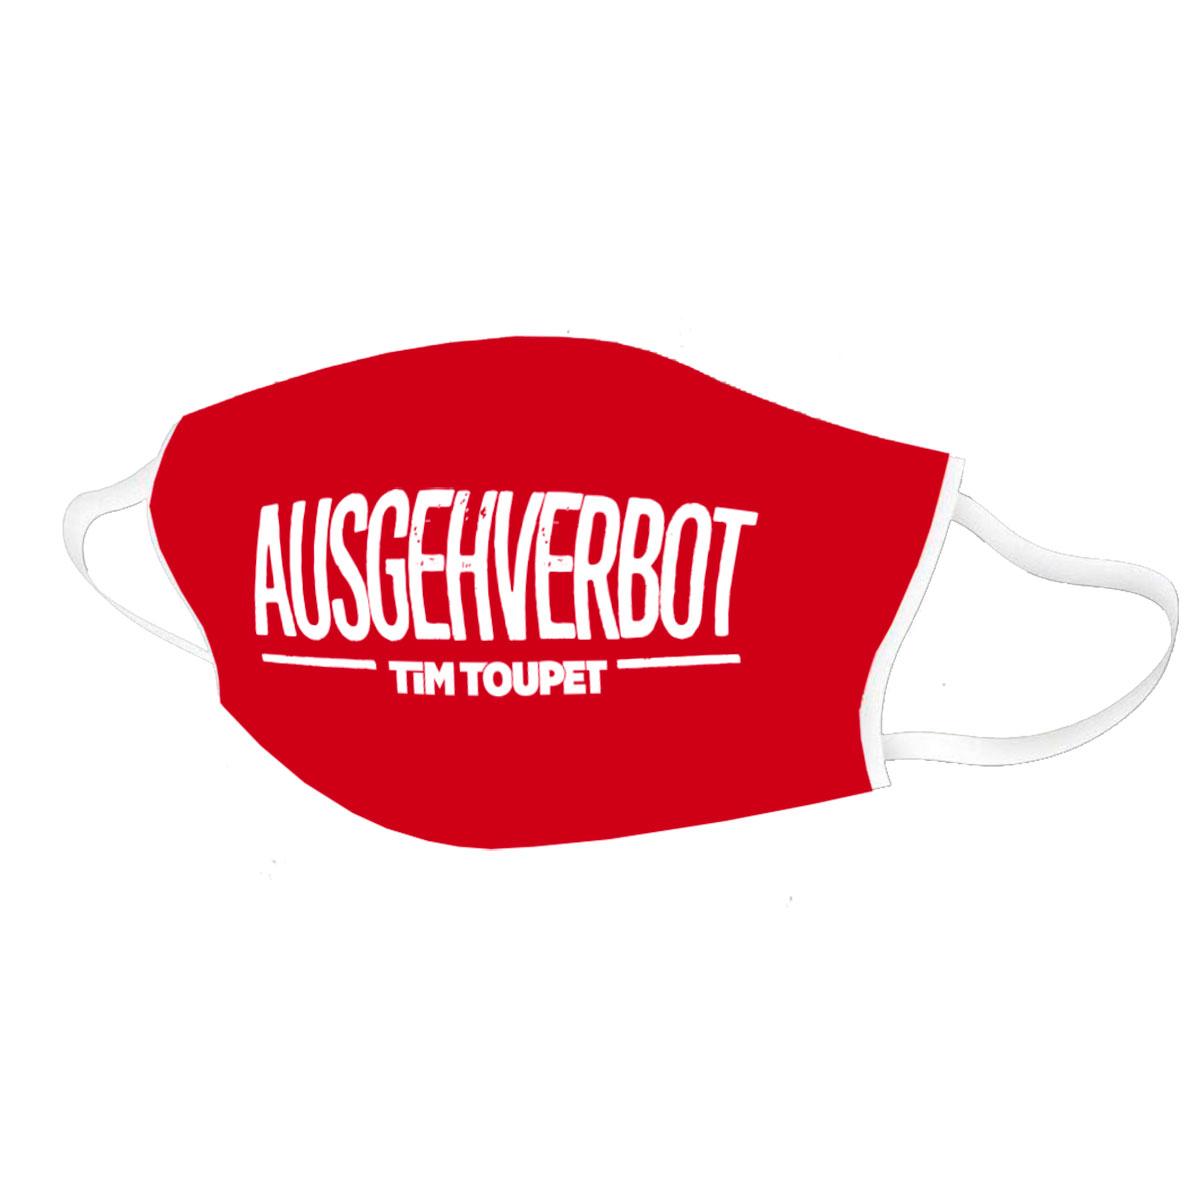 schutzmaske ausgehverbot tim toupet